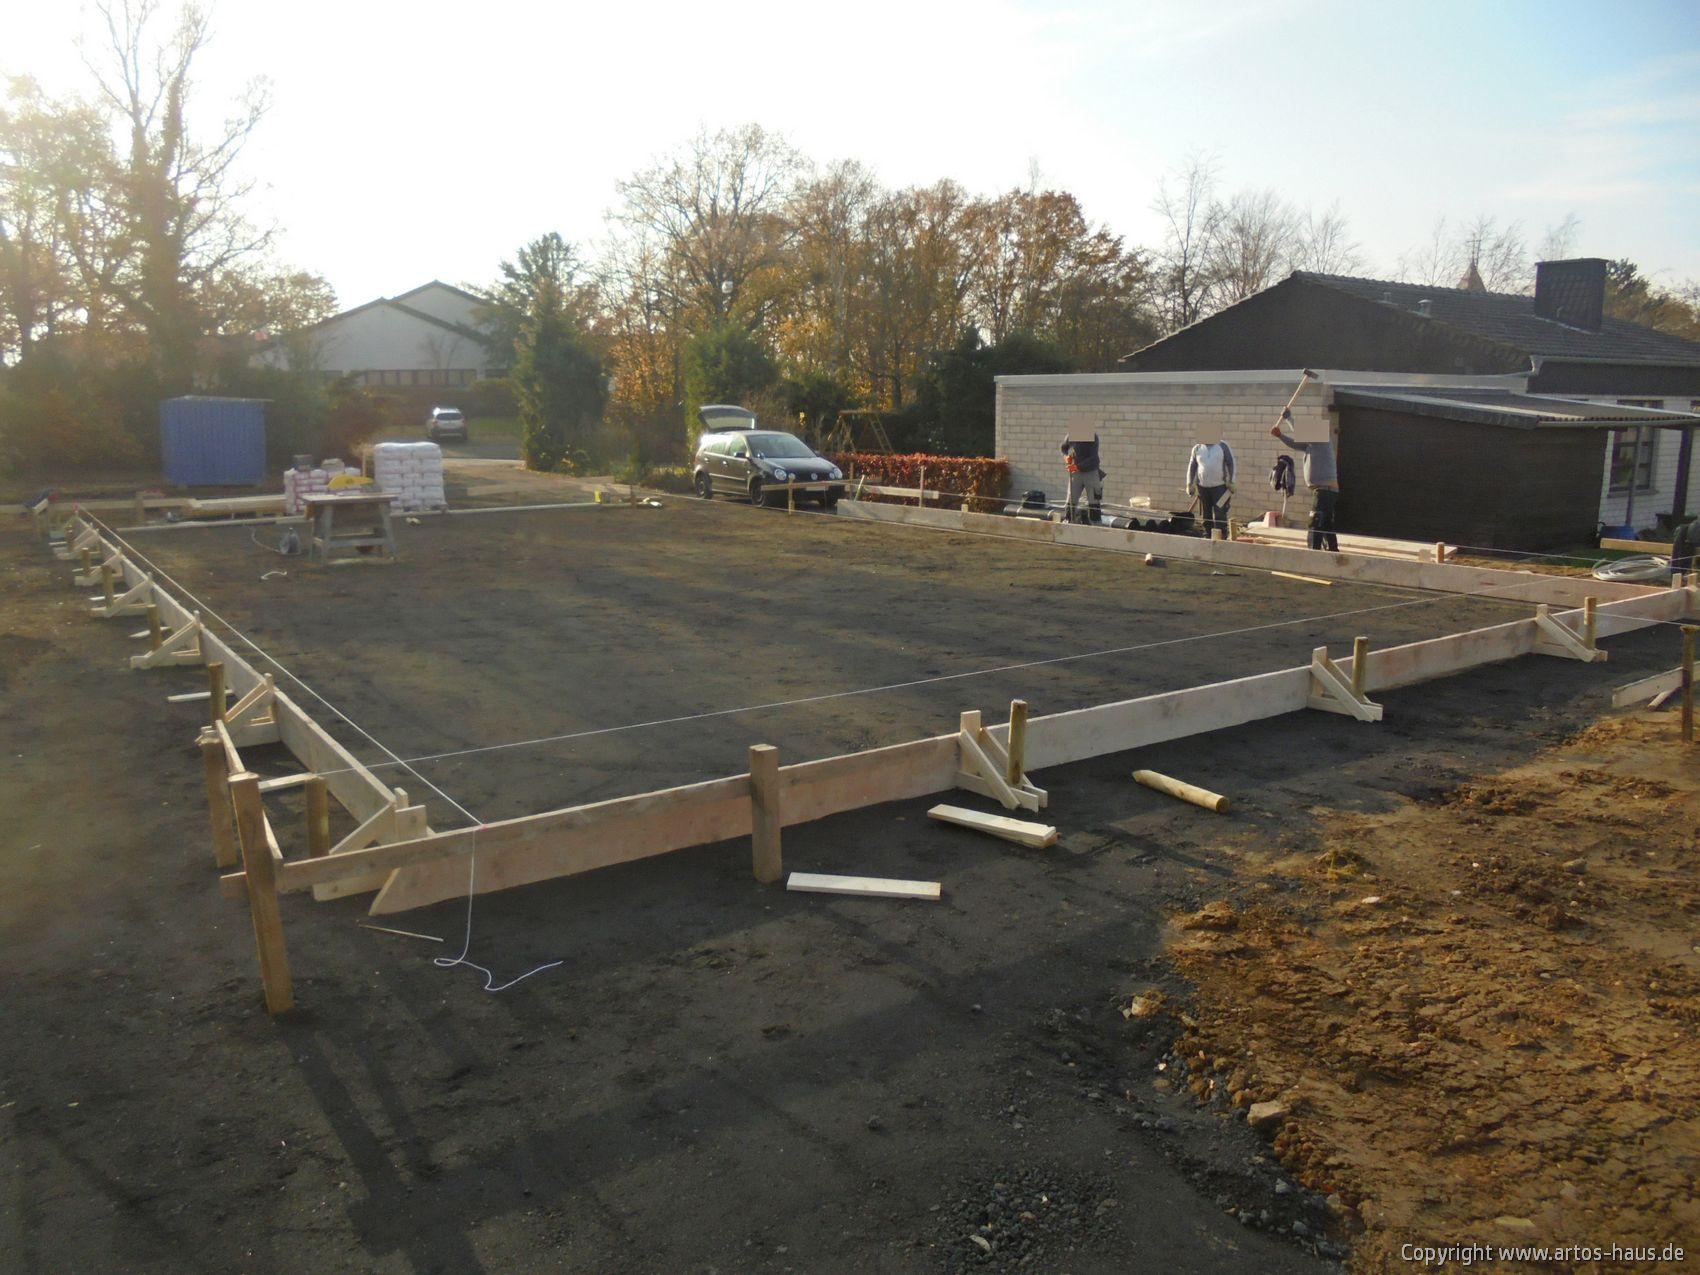 Bewehrung Erdarbeiten ARTOS HAUS, Bauvorhaben EFH mit ELW in Alfter. Bild 4